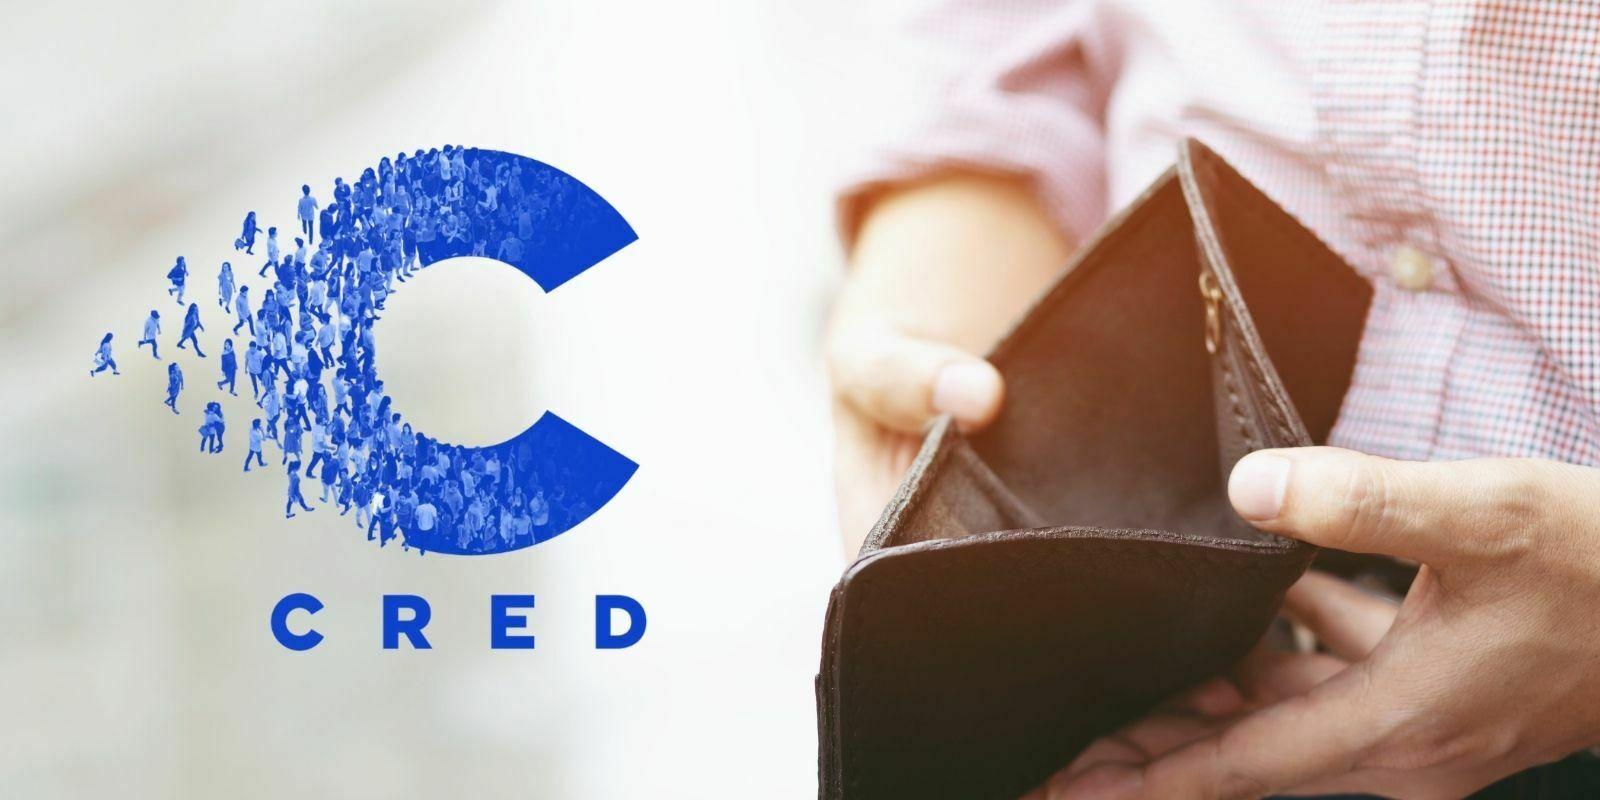 La plateforme de prêt de cryptomonnaies Cred fait faillite - Les fonds des utilisateurs en danger ?